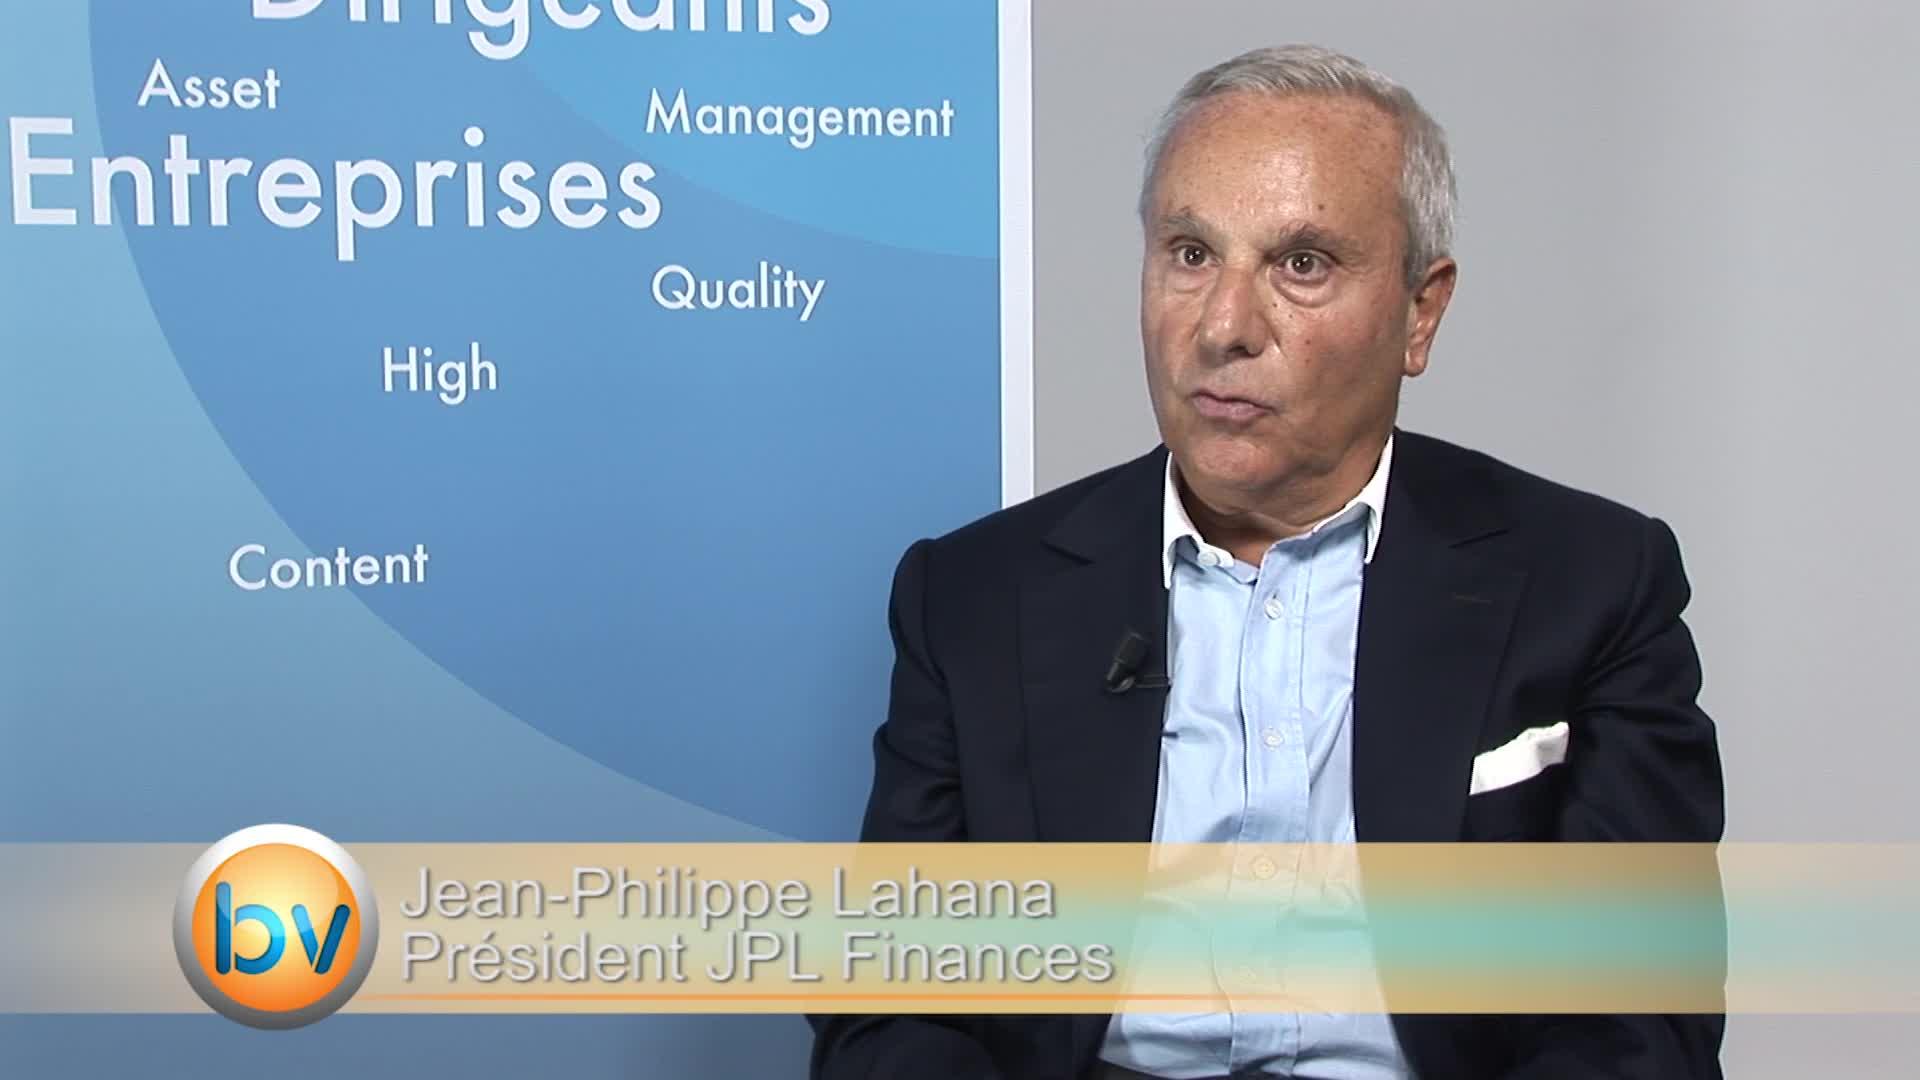 Jean-Philippe Lahana Président JPL Finances : «Les économies développées sont dans un cycle récessif»